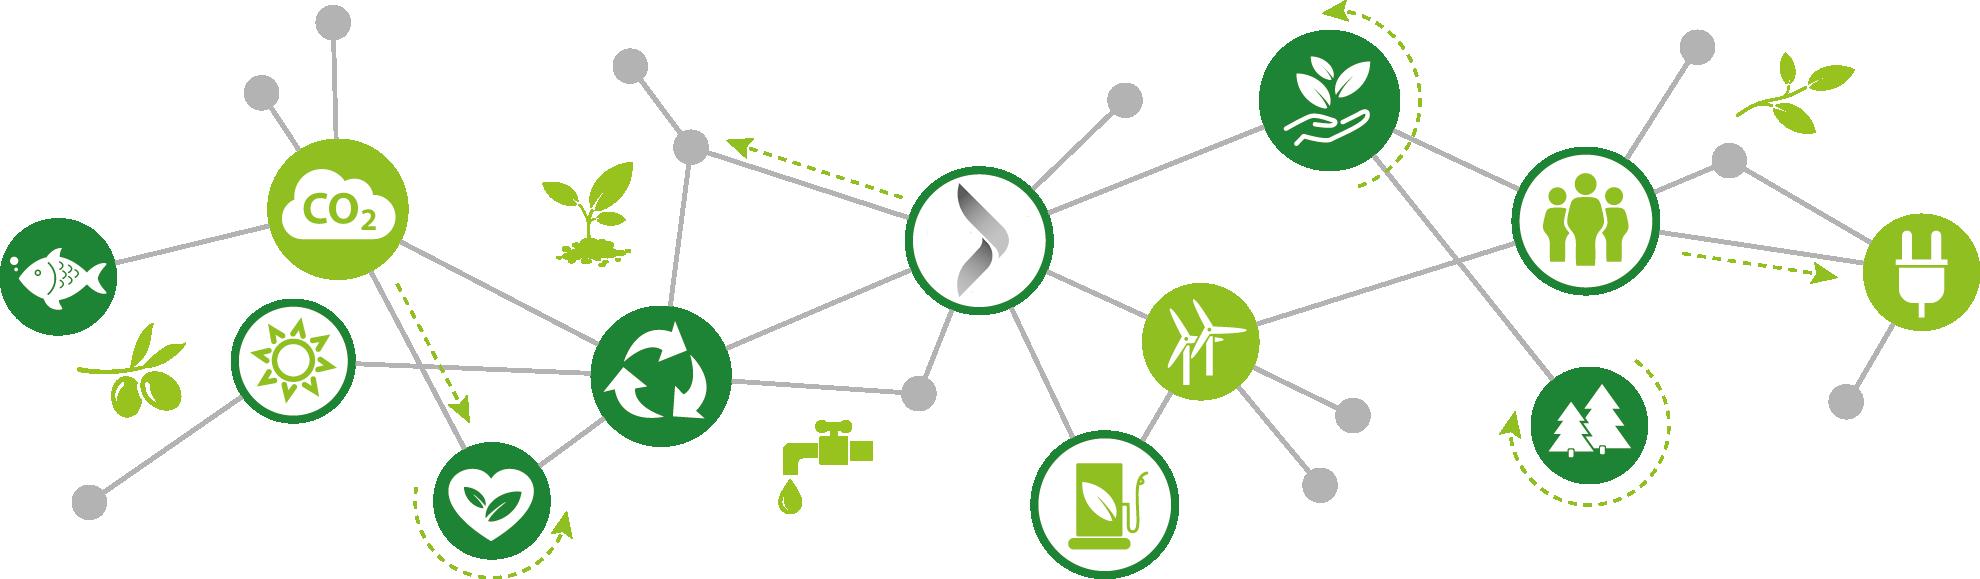 Les mer om bærekraft og Elkjøp's samfunnsansvaret